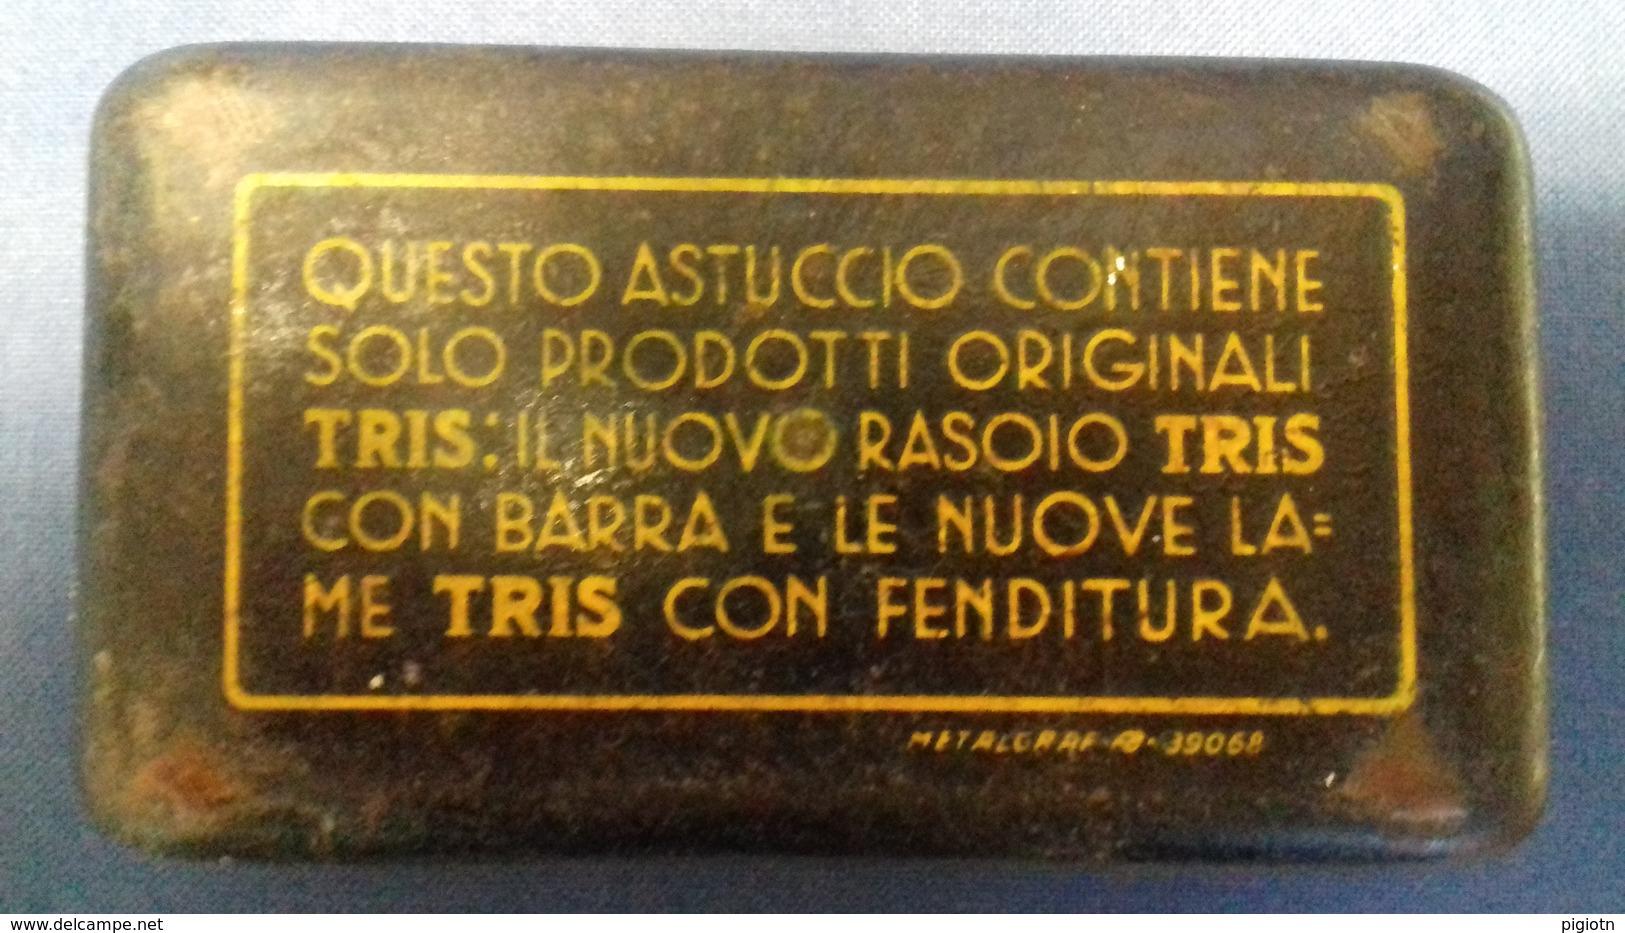 L59 - ASTUCCIO TRIS CON RASOIO - Materiale Di Profumeria